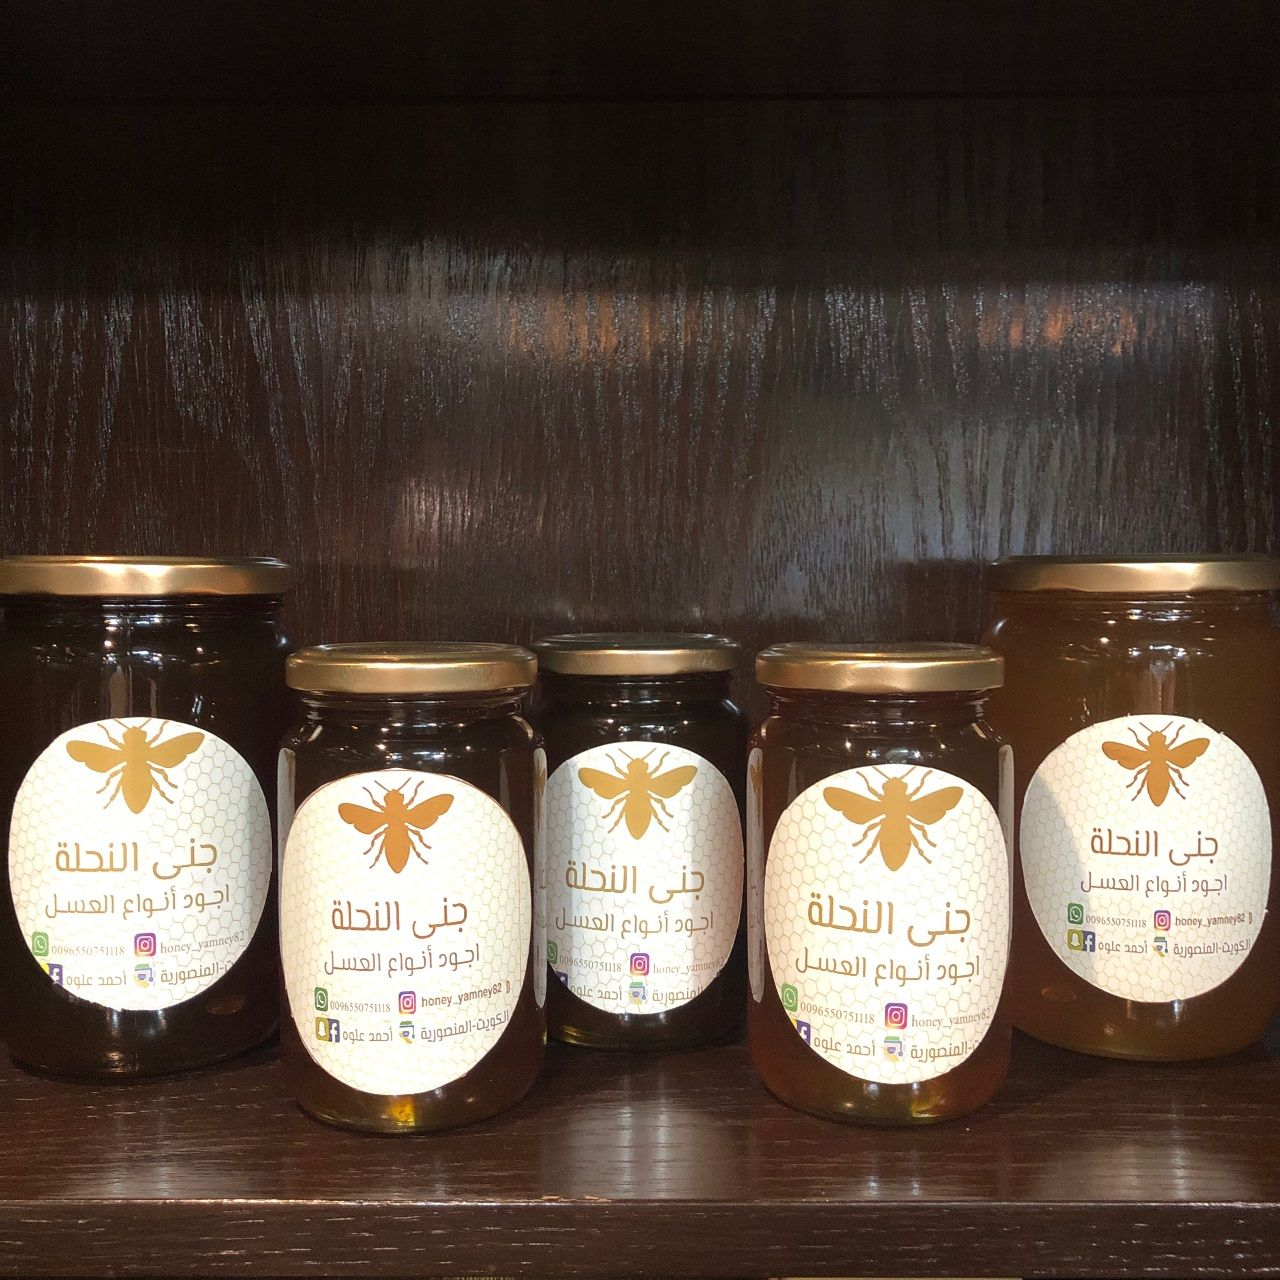 جنى النحلة عسل يمني من افضل الانواع وأفخرها Ice Cream Talenti Ice Cream Desserts